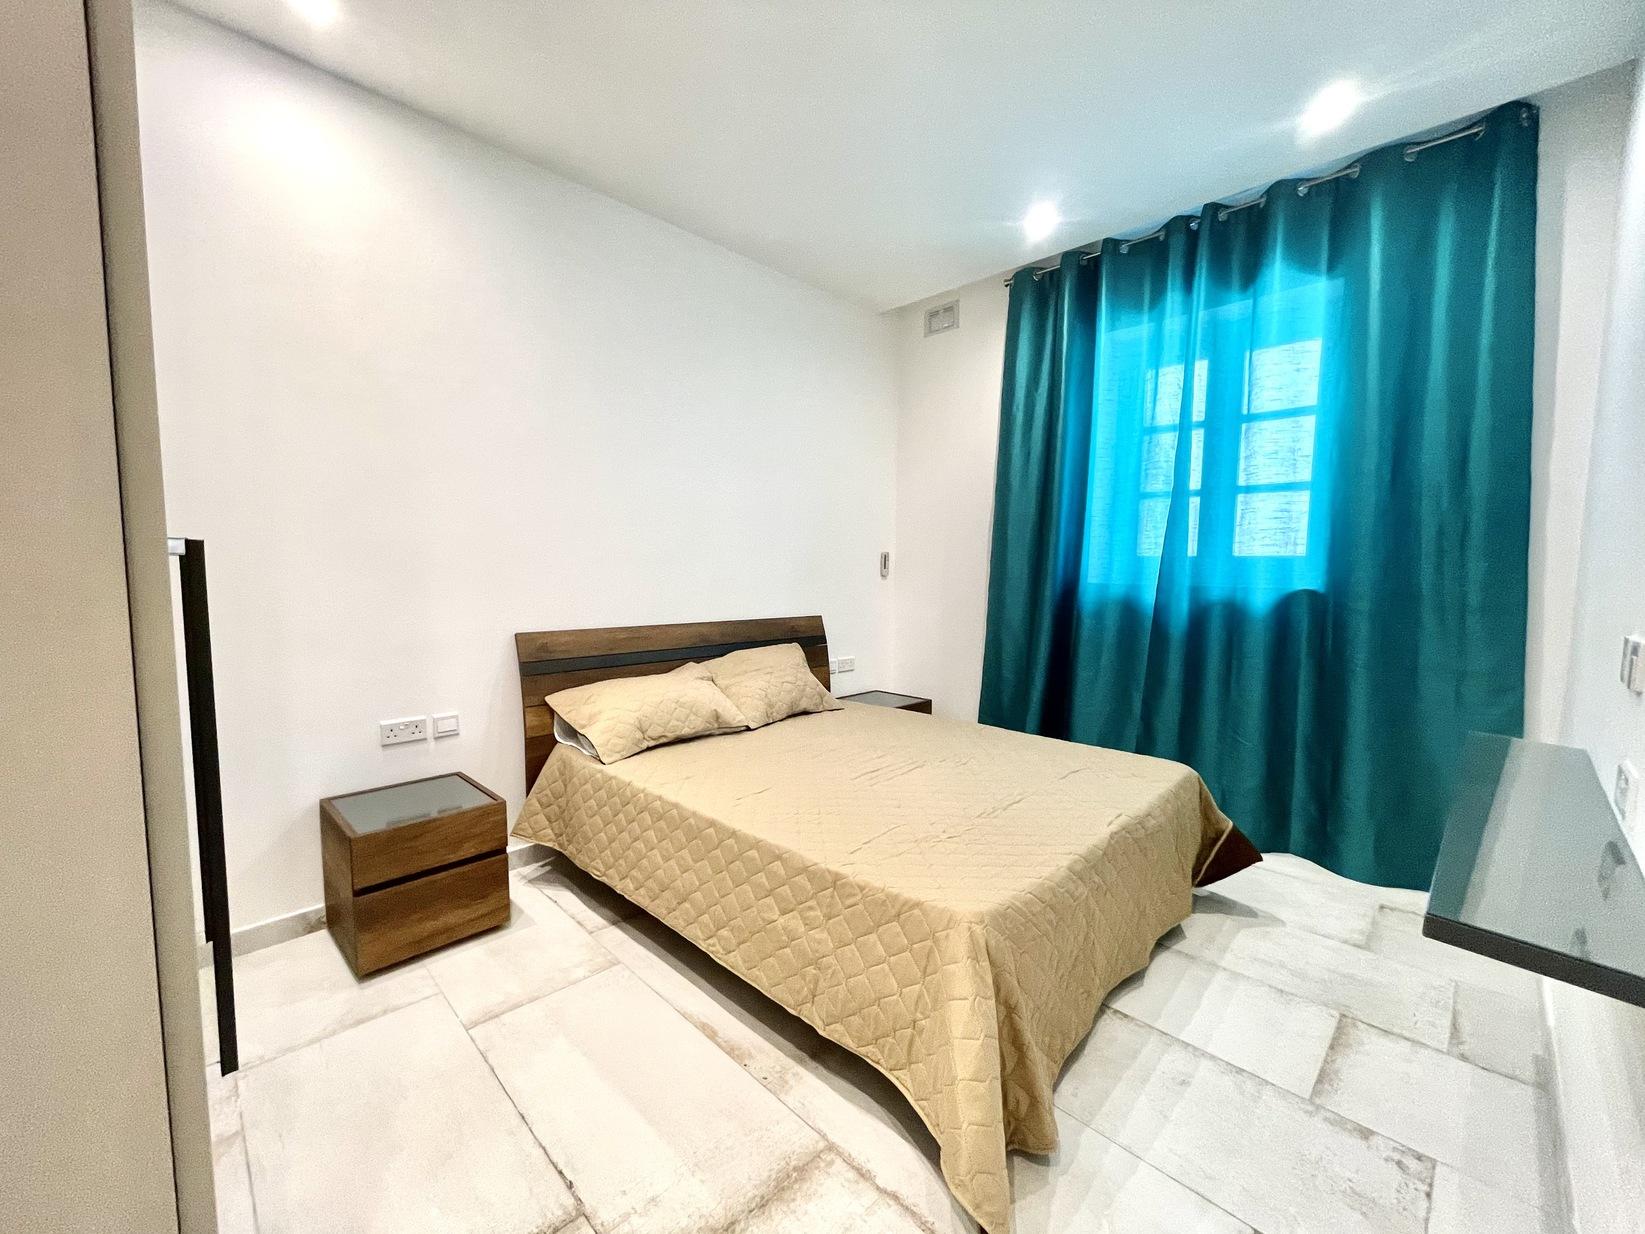 3 bed Apartment For Rent in Kalkara, Kalkara - thumb 10